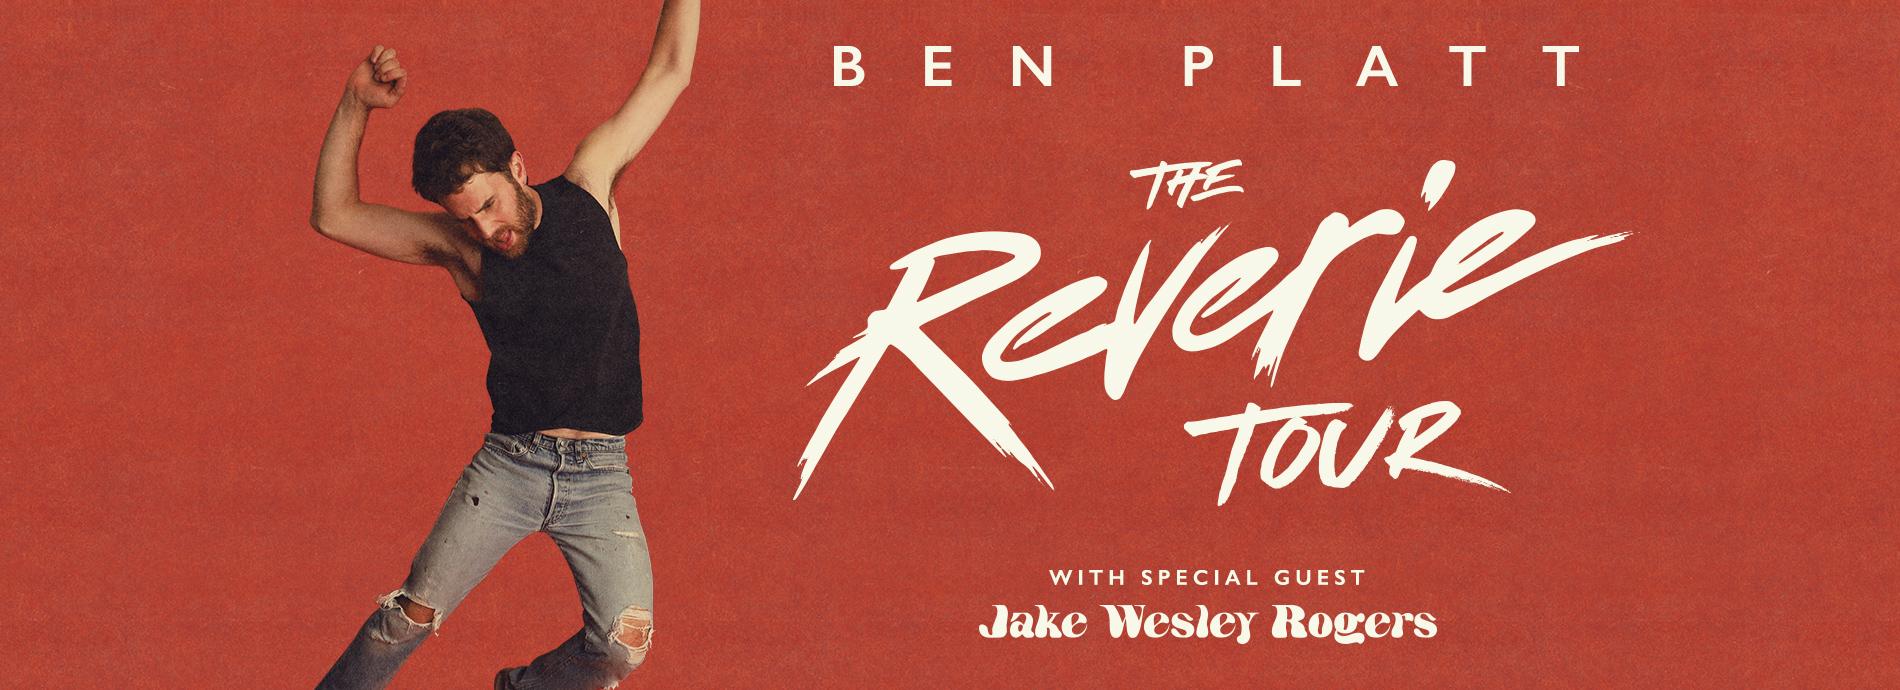 Ben Platt: The Reverie Tour